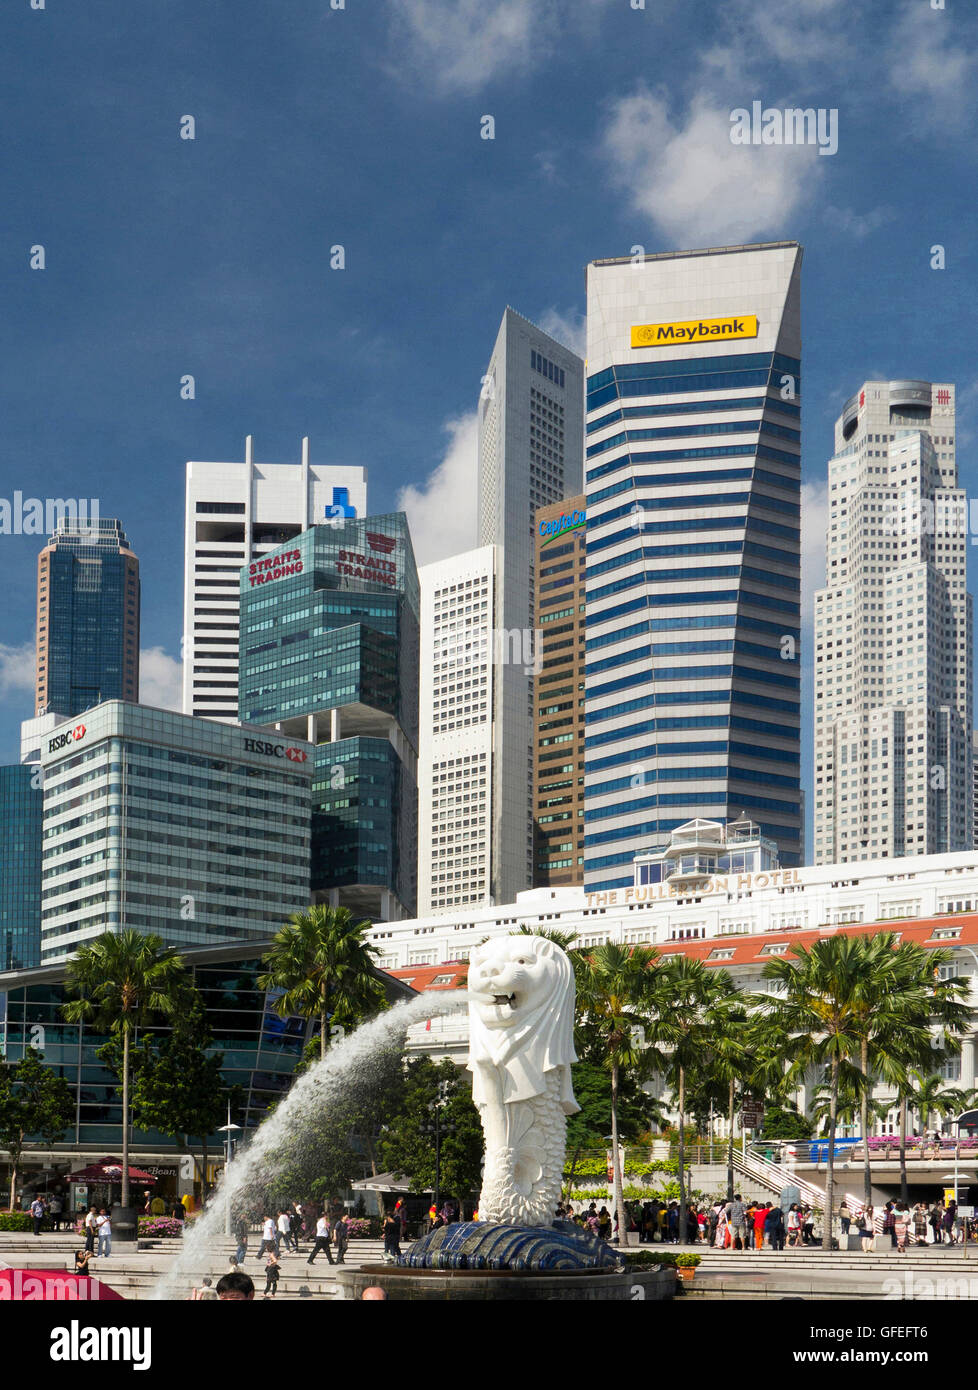 Statua Merlion e acqua beccuccio, Singapore Waterfront, Singapore Immagini Stock